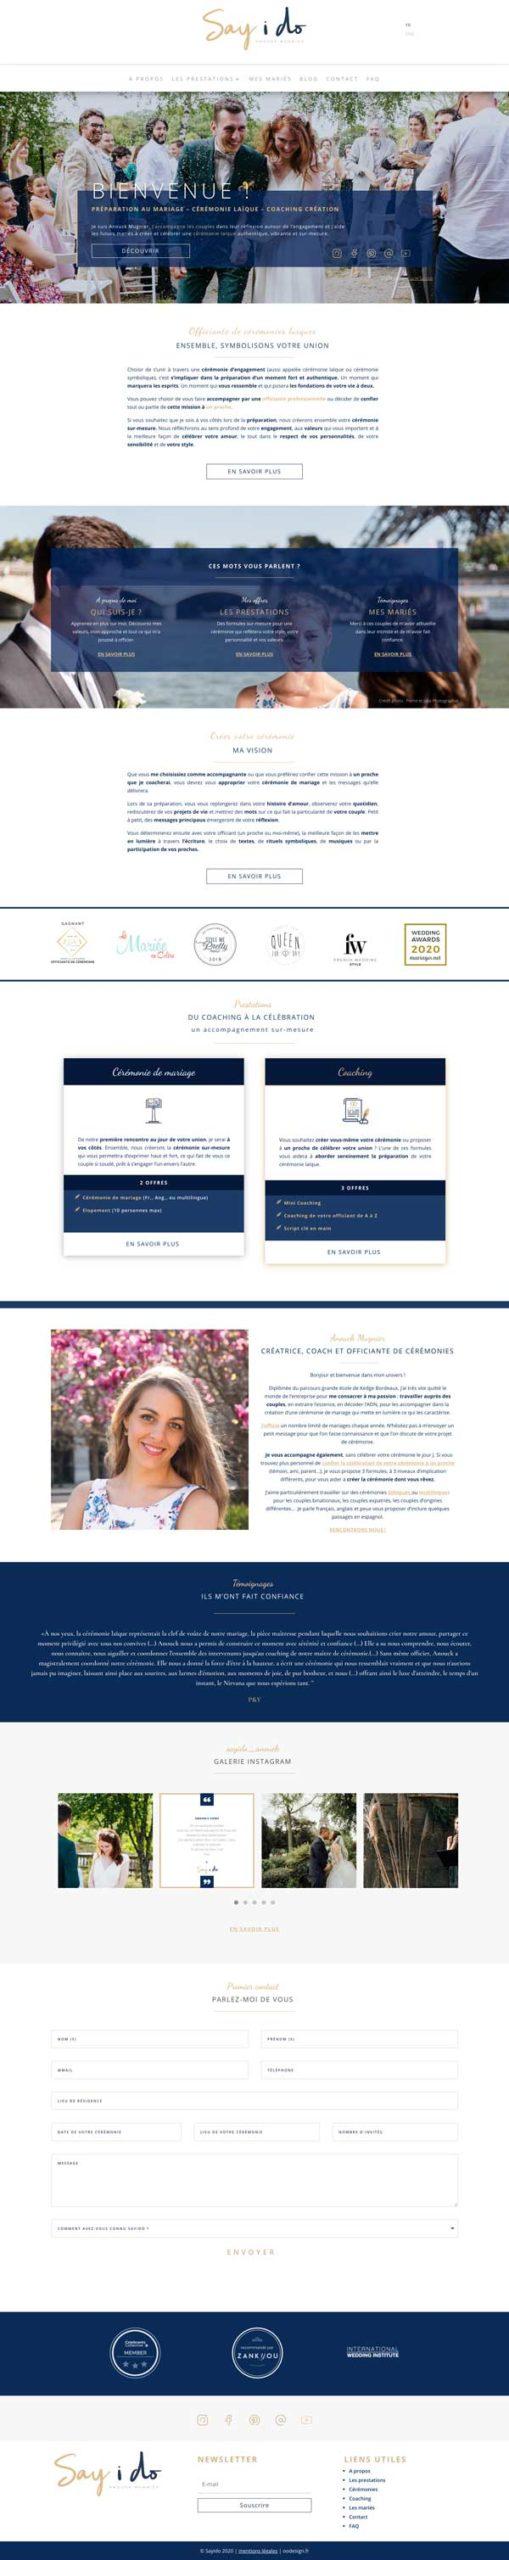 projet de design graphique creation site internet mariage